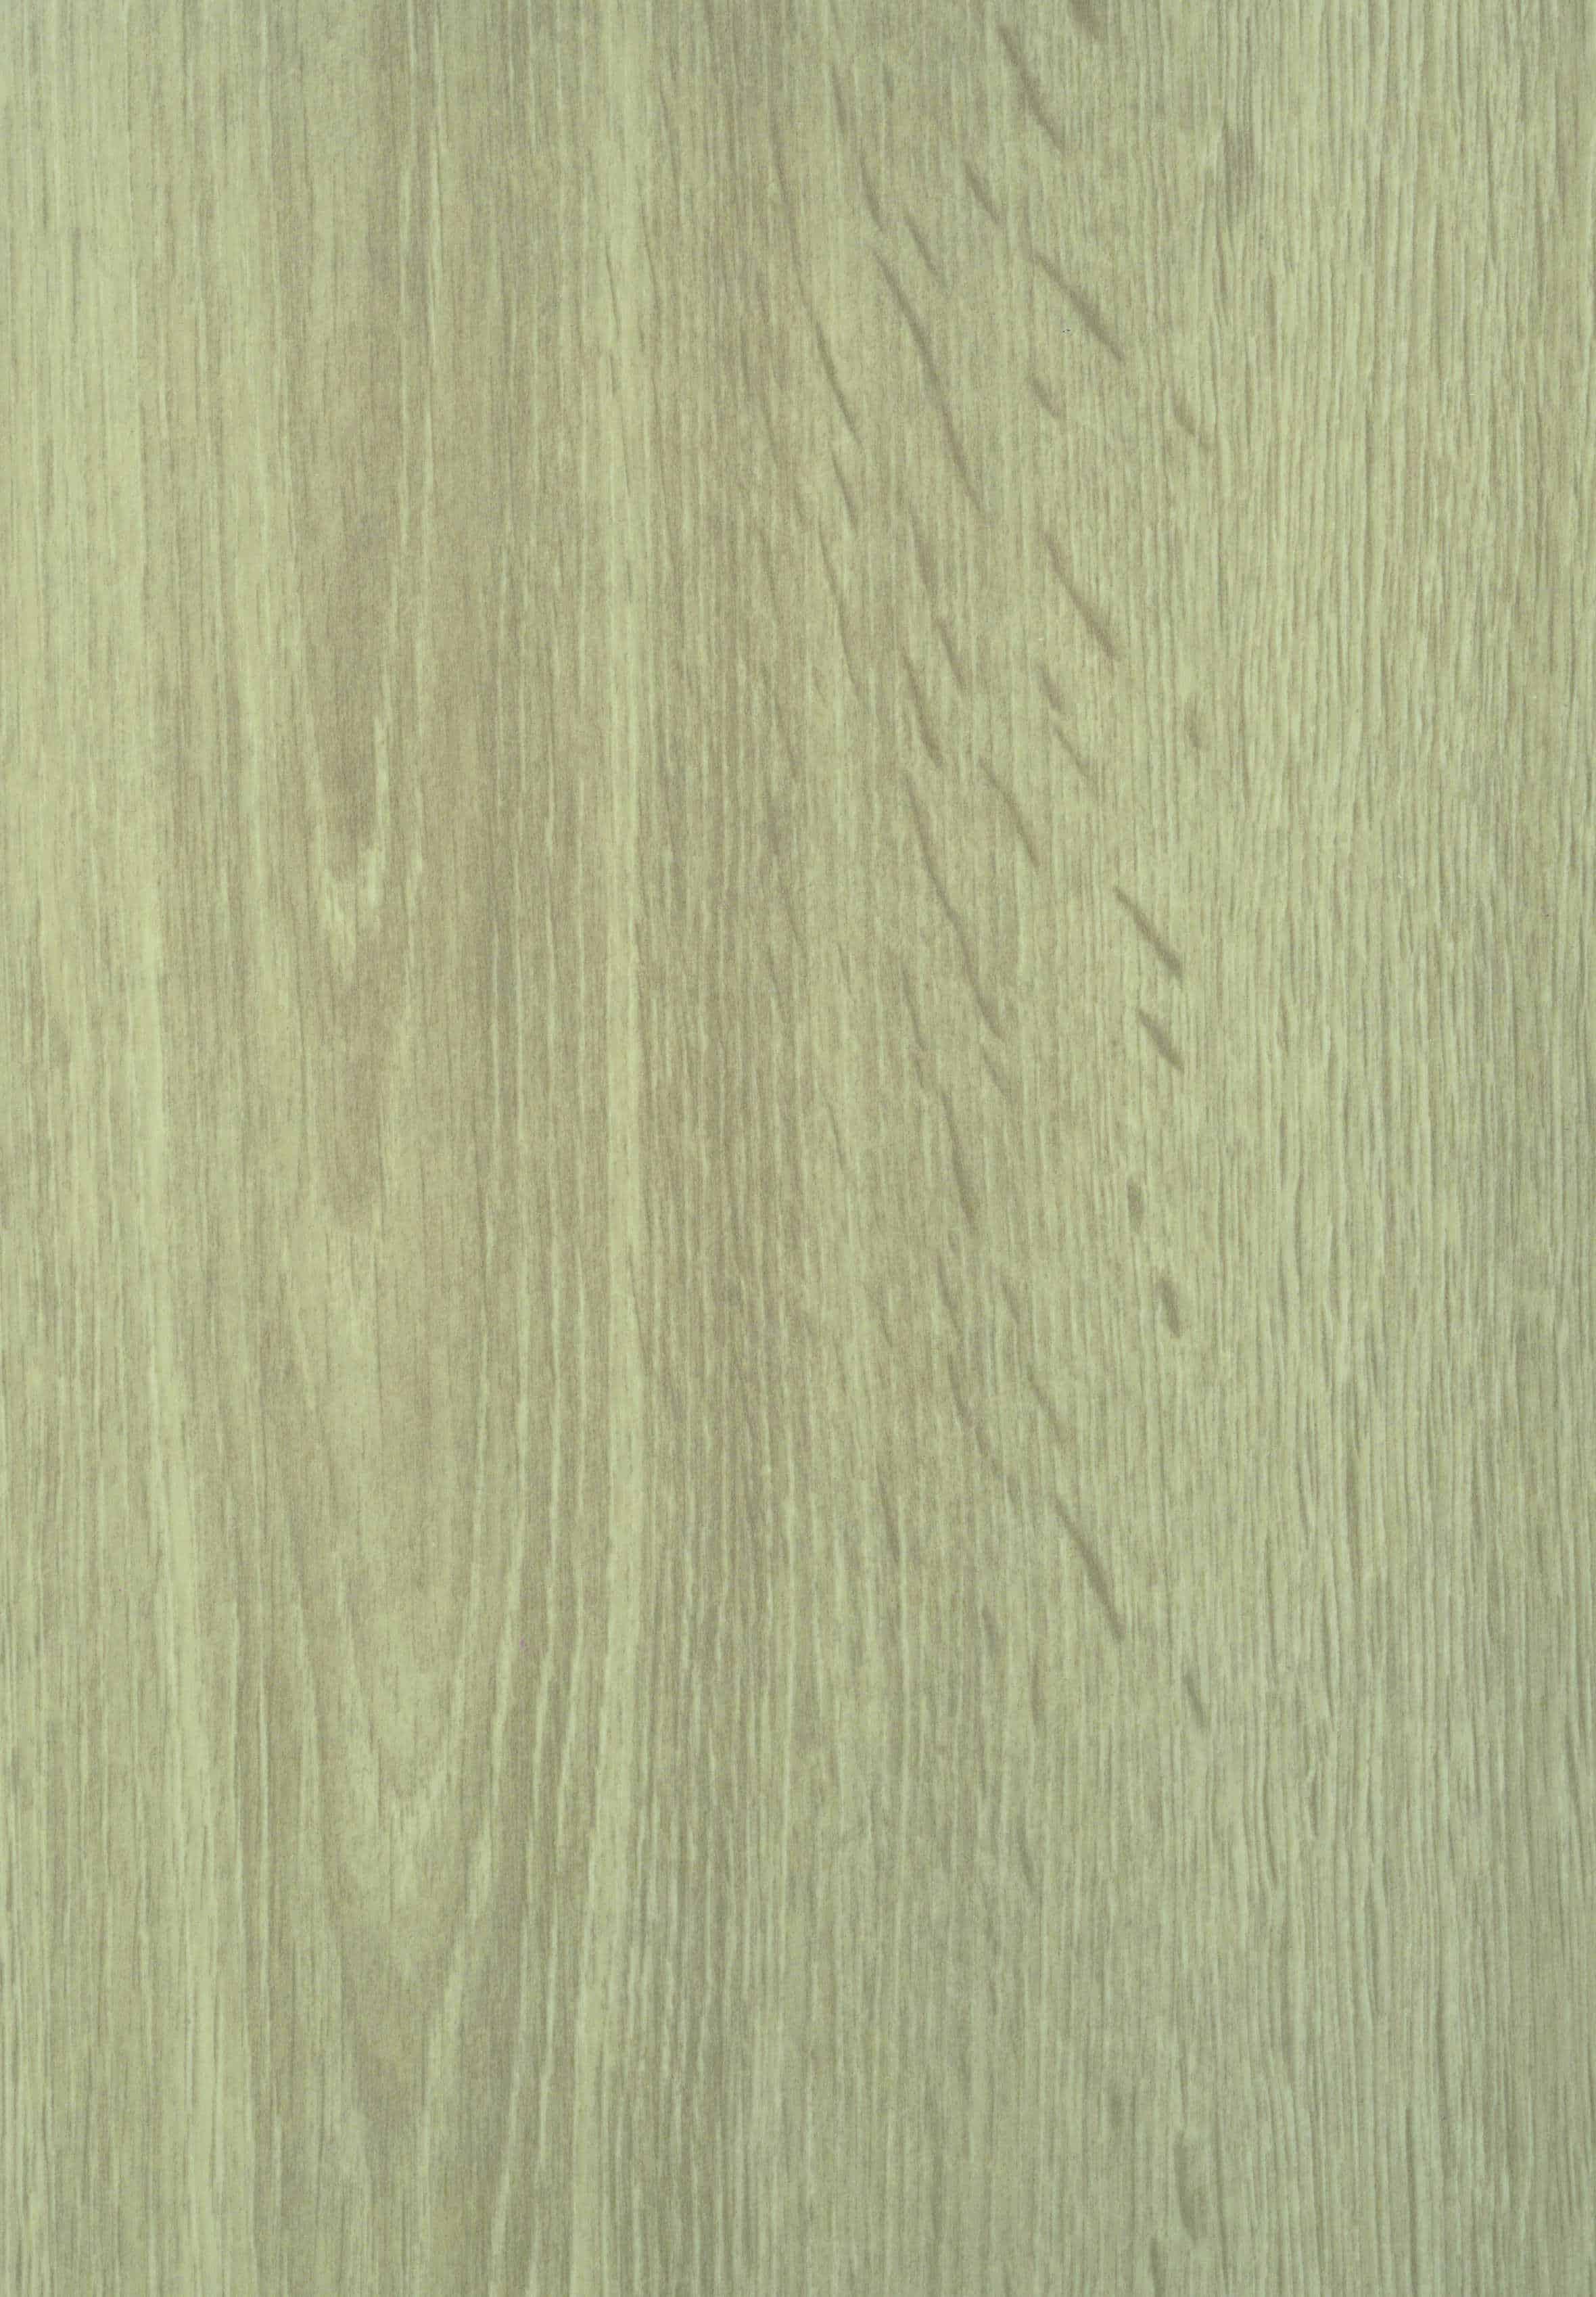 Laminaat Eiken Wit Modern 3050